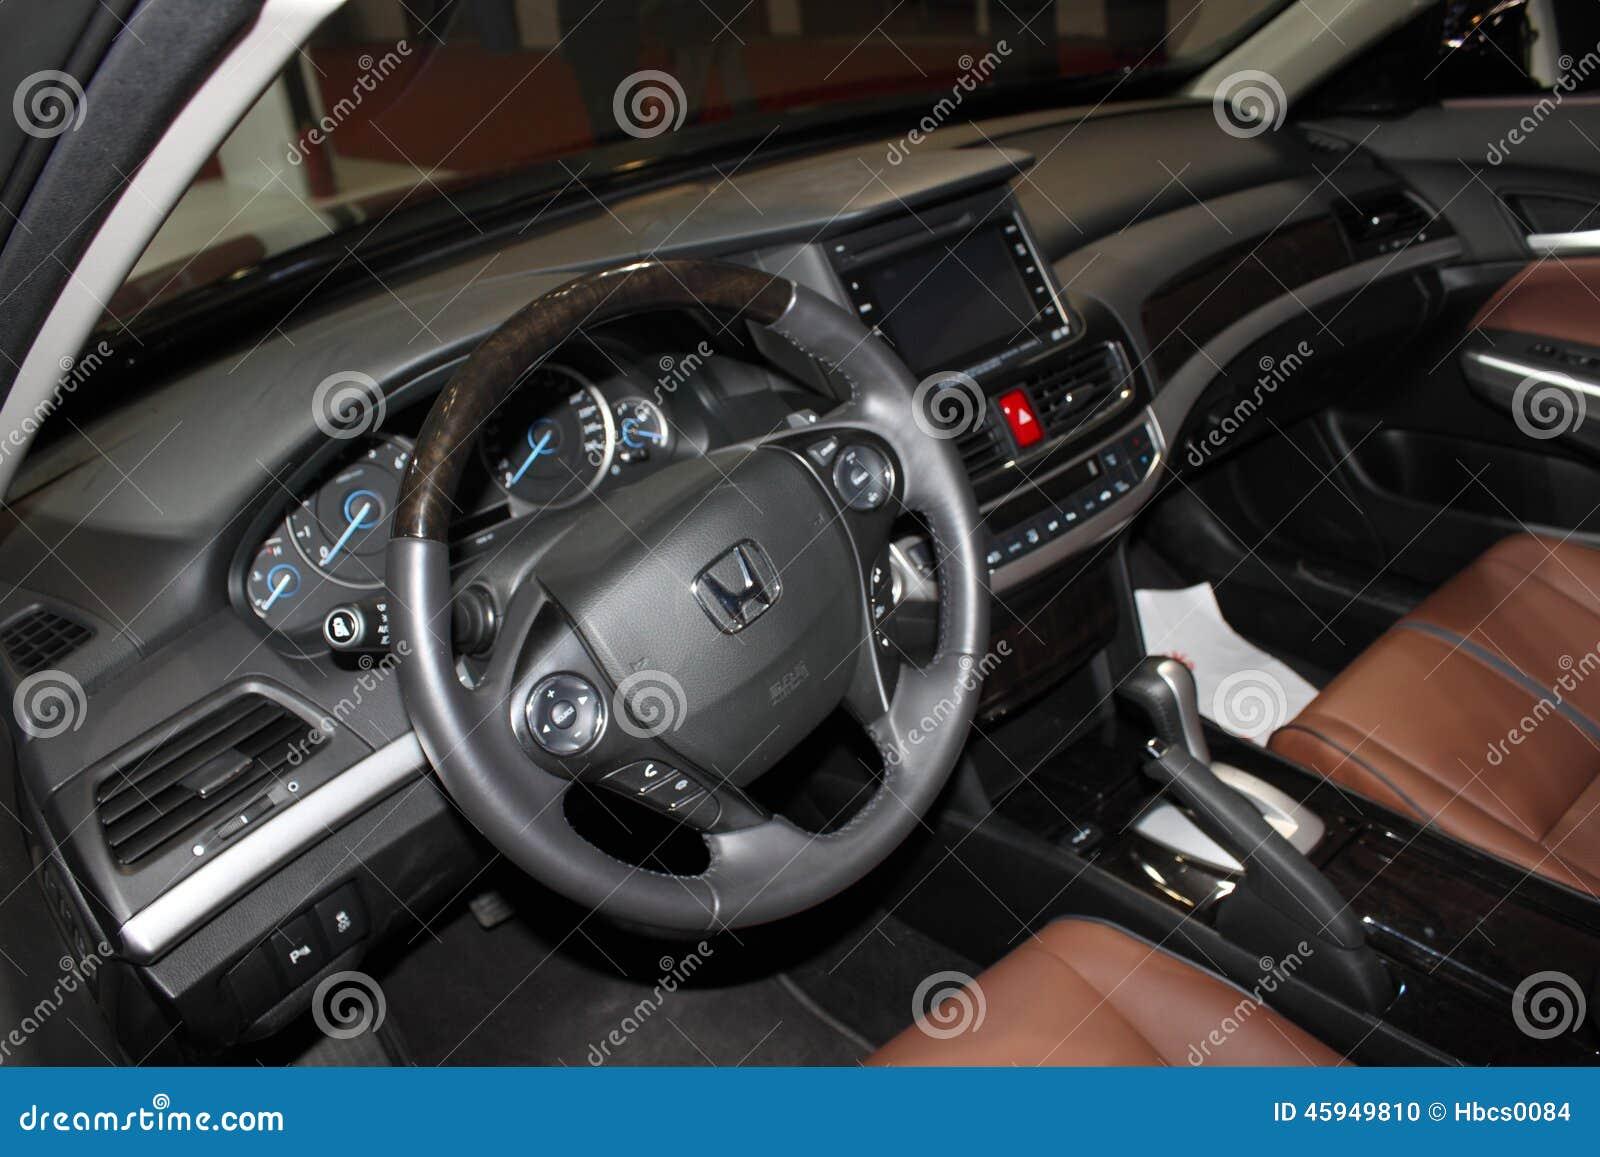 interior crosstour release honda car exterior new